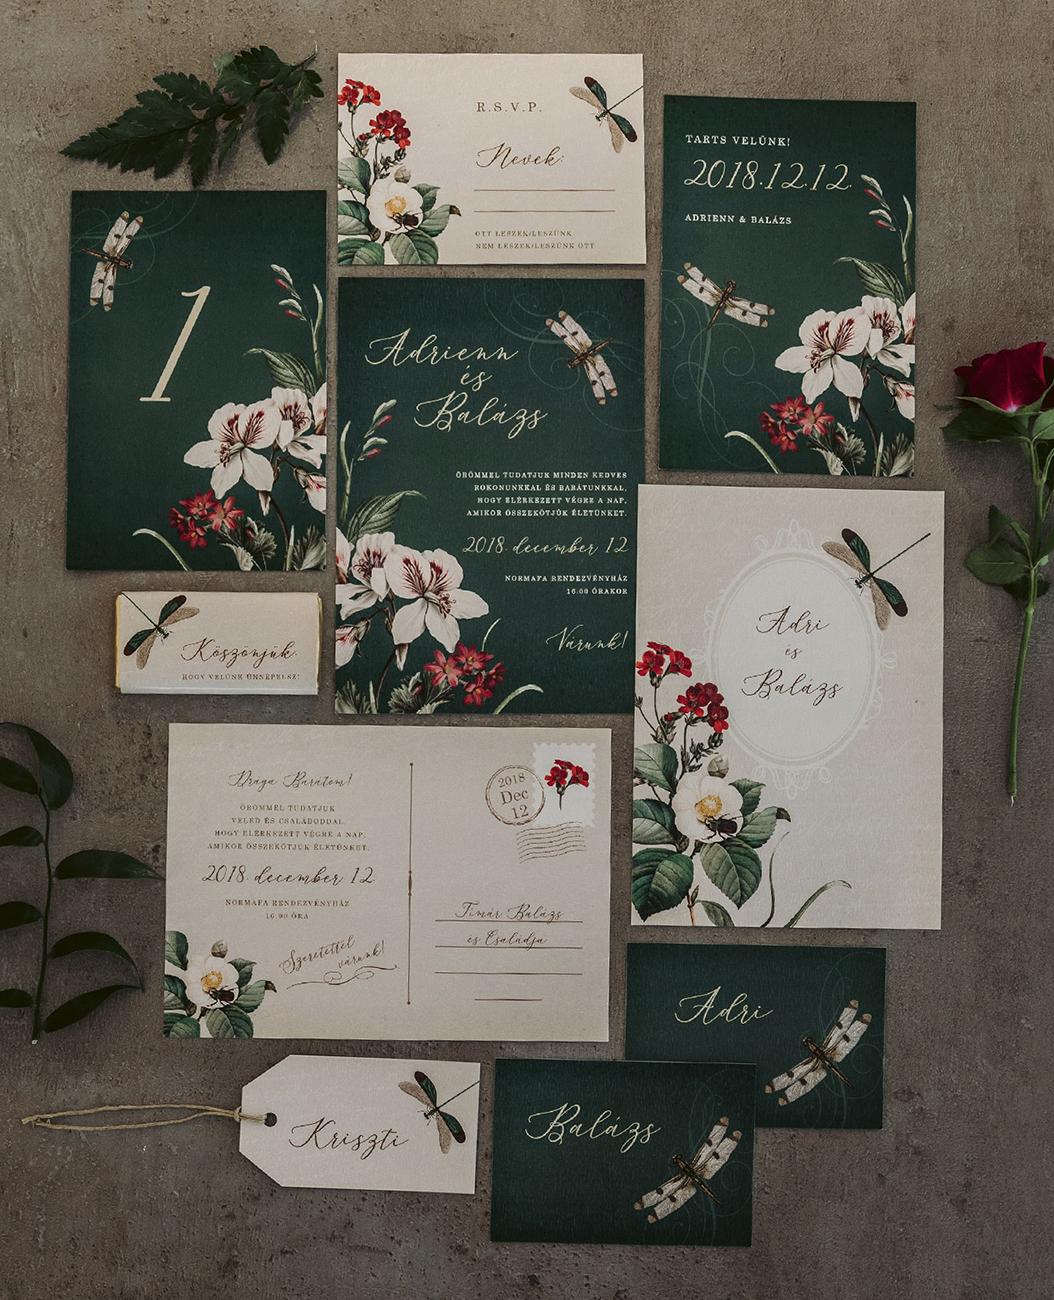 esküvő elhalasztása, Új esküvői meghívó, régi szerelem – Így értesítheted stílusosan a vendégeket, ha a koronavírus miatt elhalasztjátok az esküvőt